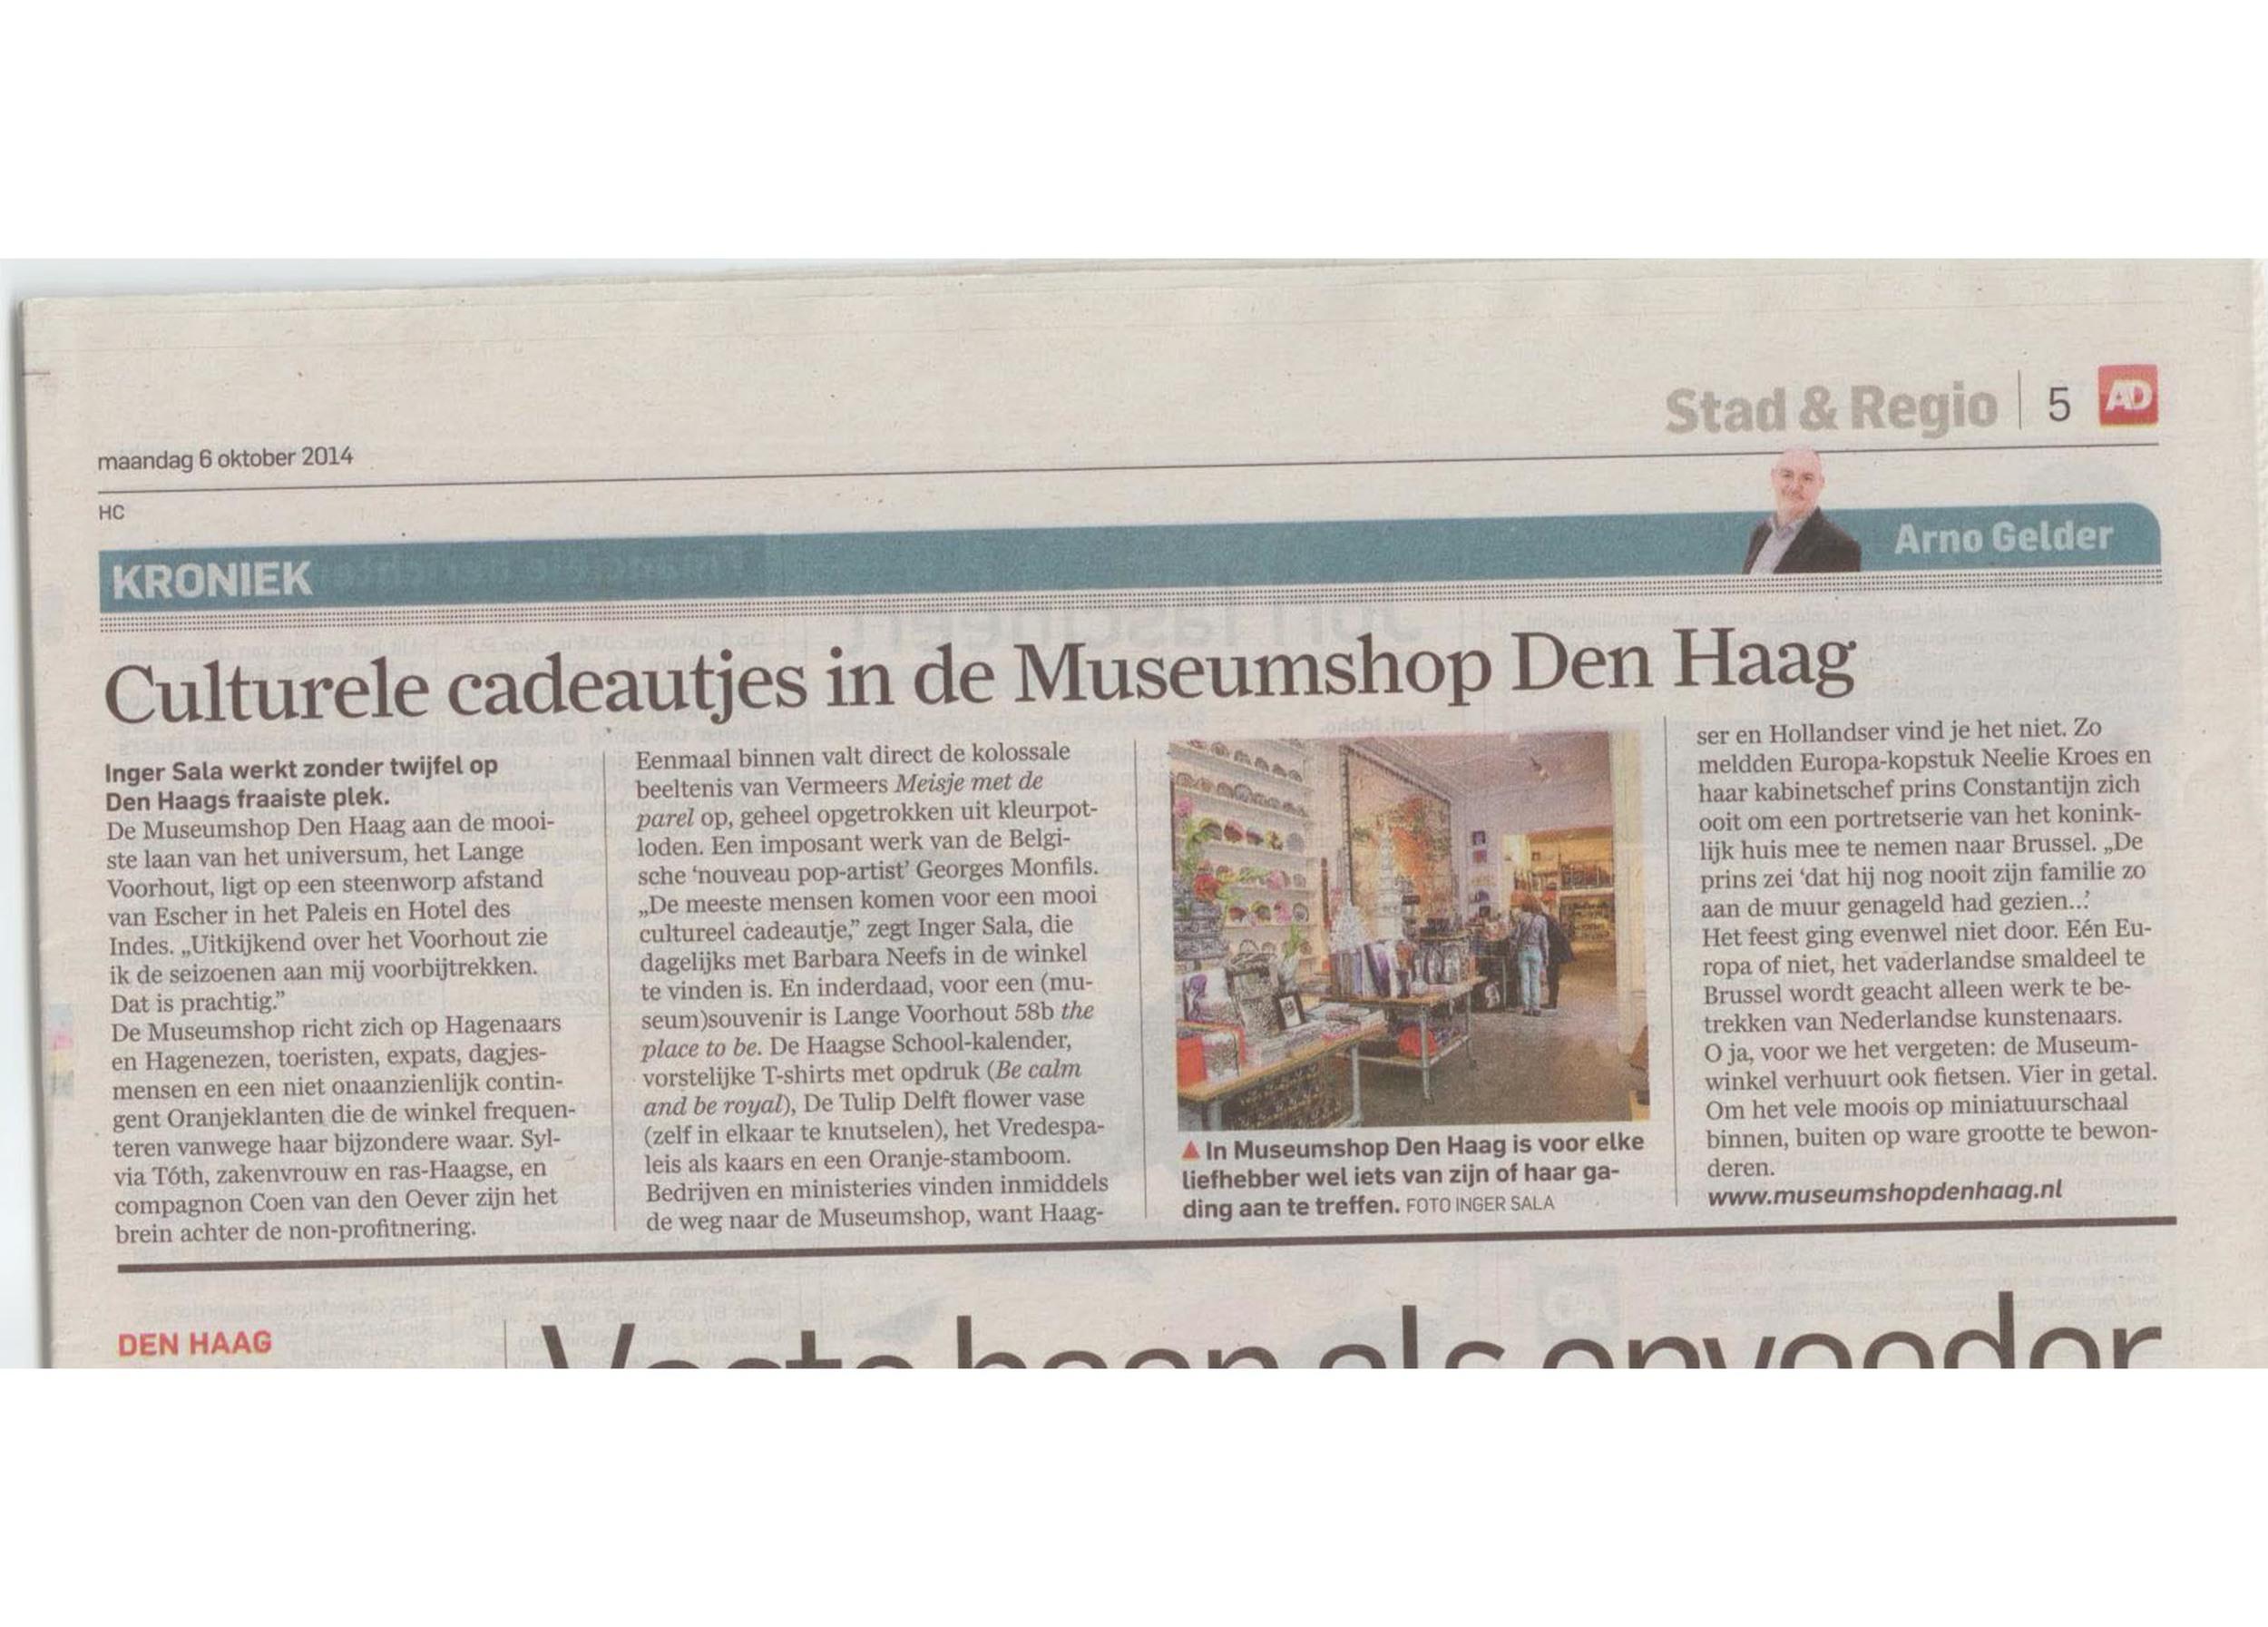 Great article in the Algemeen Dagblad (Netherlands) October 6, 2014